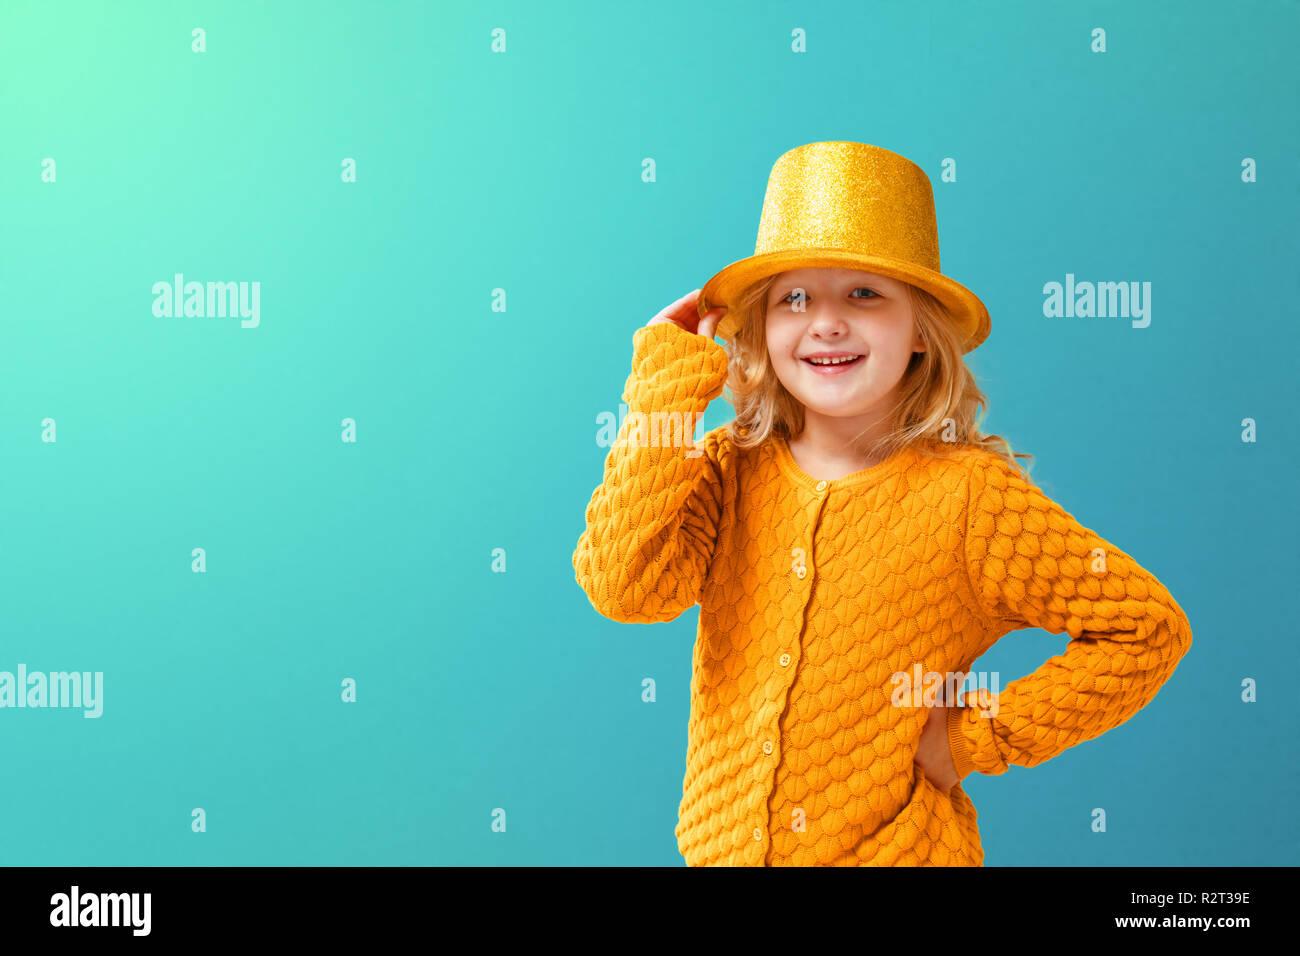 Retrato de una niña en una chaqueta tejida de mostaza y un cilindro amarillo  brillante sombrero 5d02562f31e